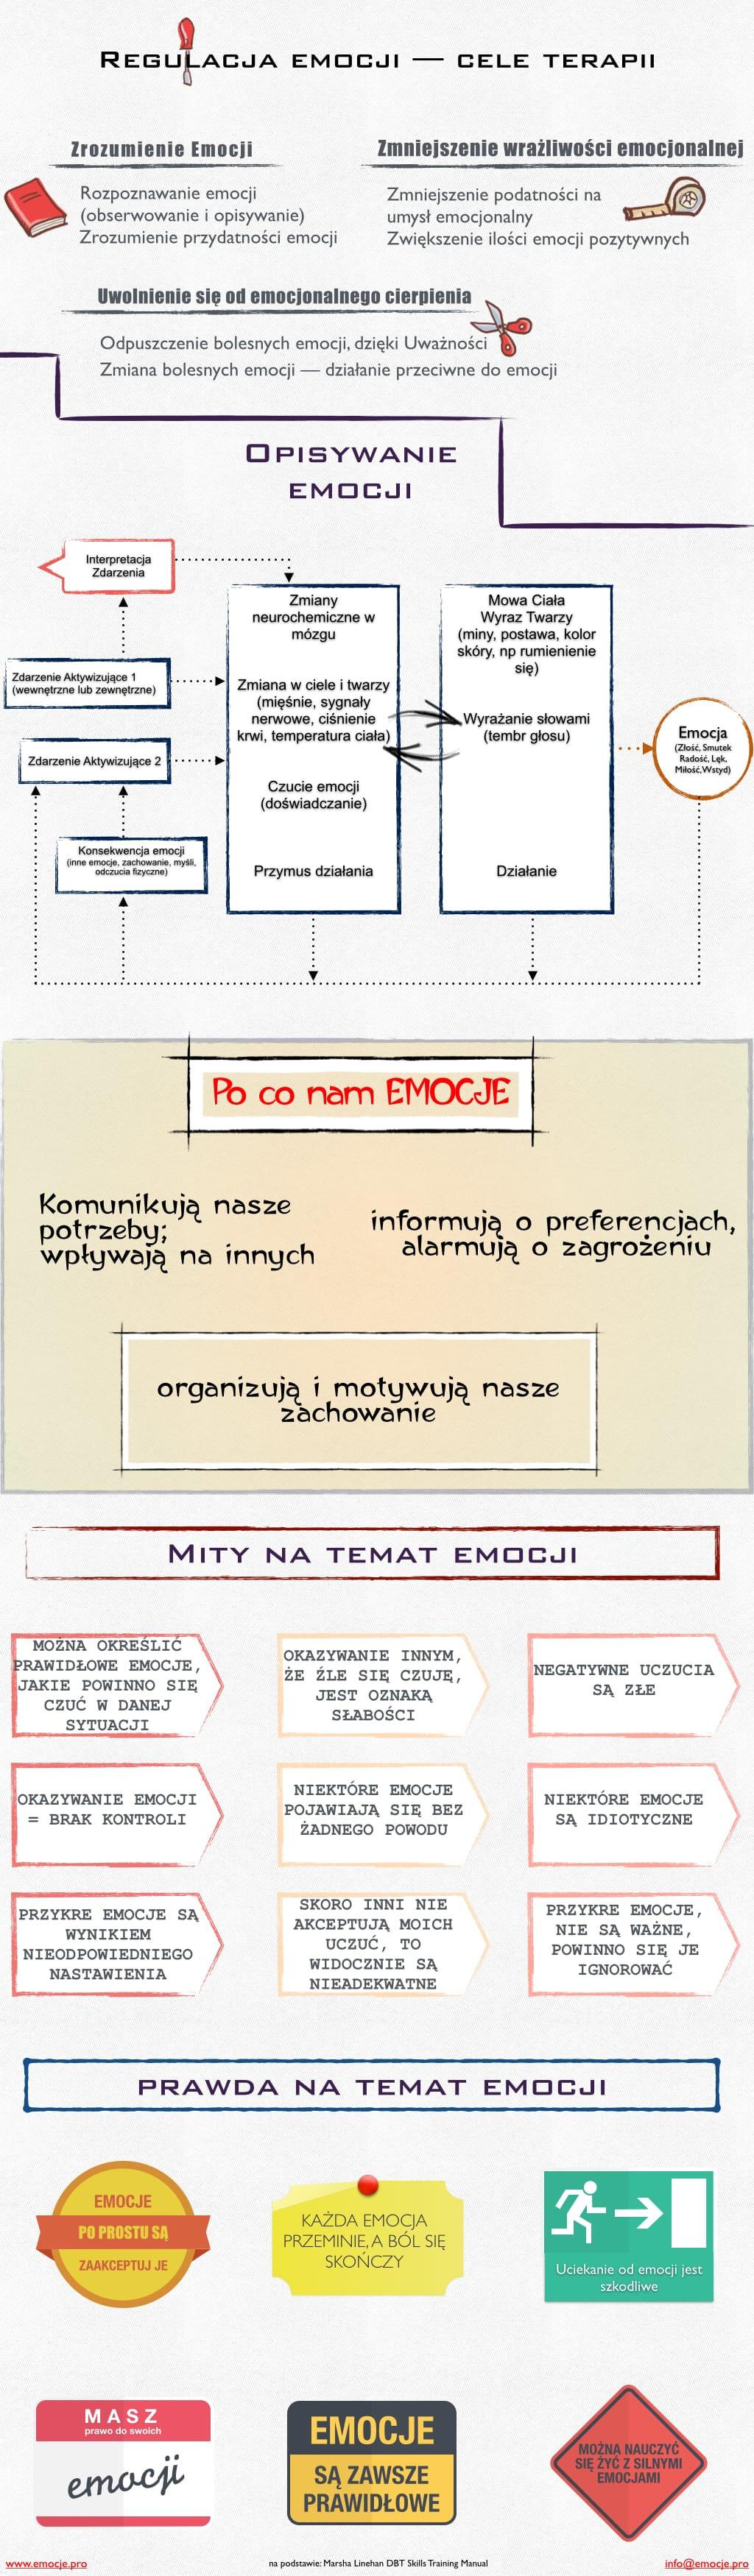 regulacja_emocji Emocje — podstawowe informacje i cele terapii. Emocje — podstawowe informacje i cele terapii. regulacja emocji